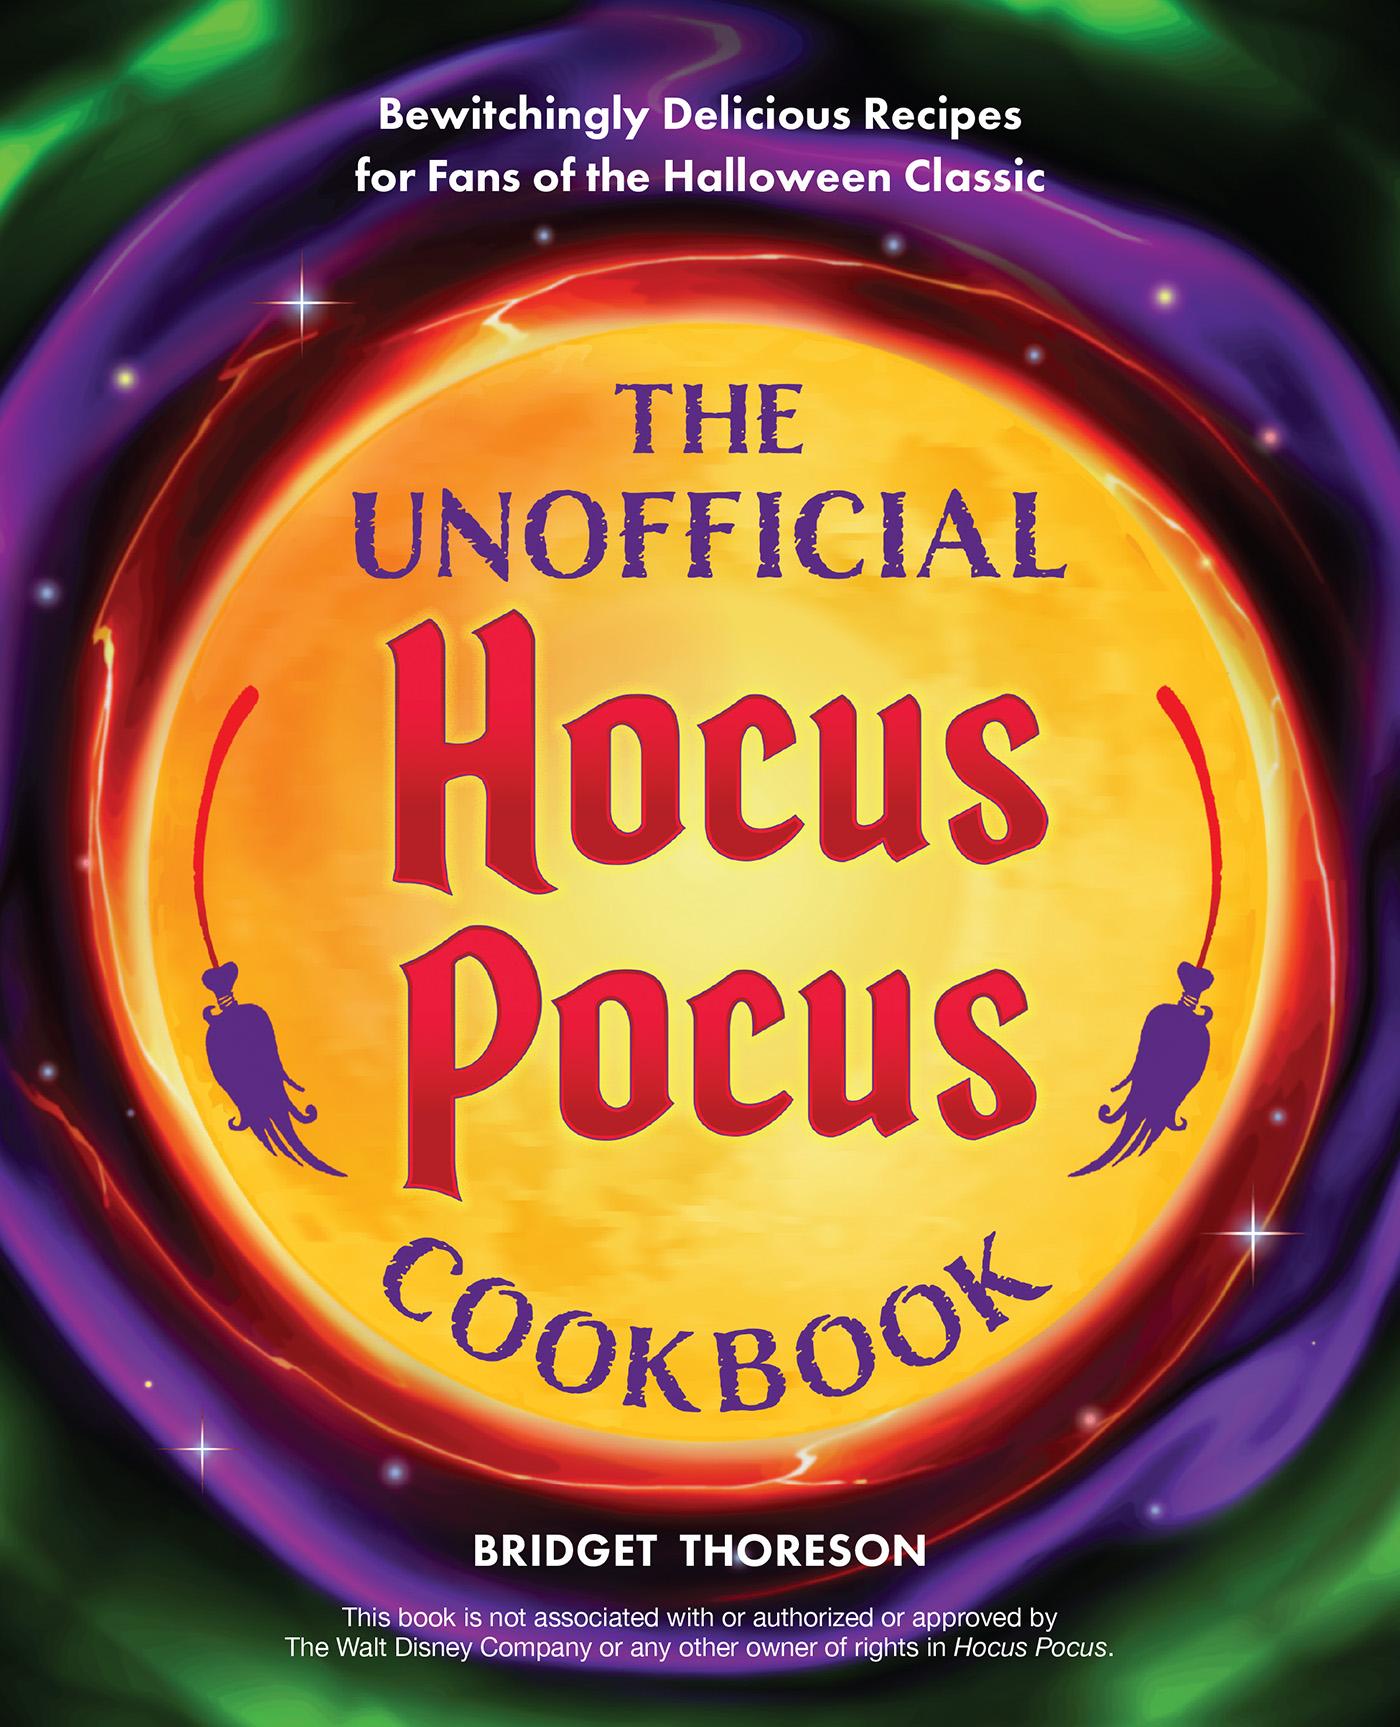 Unofficial Hocus Pocus Cookbook